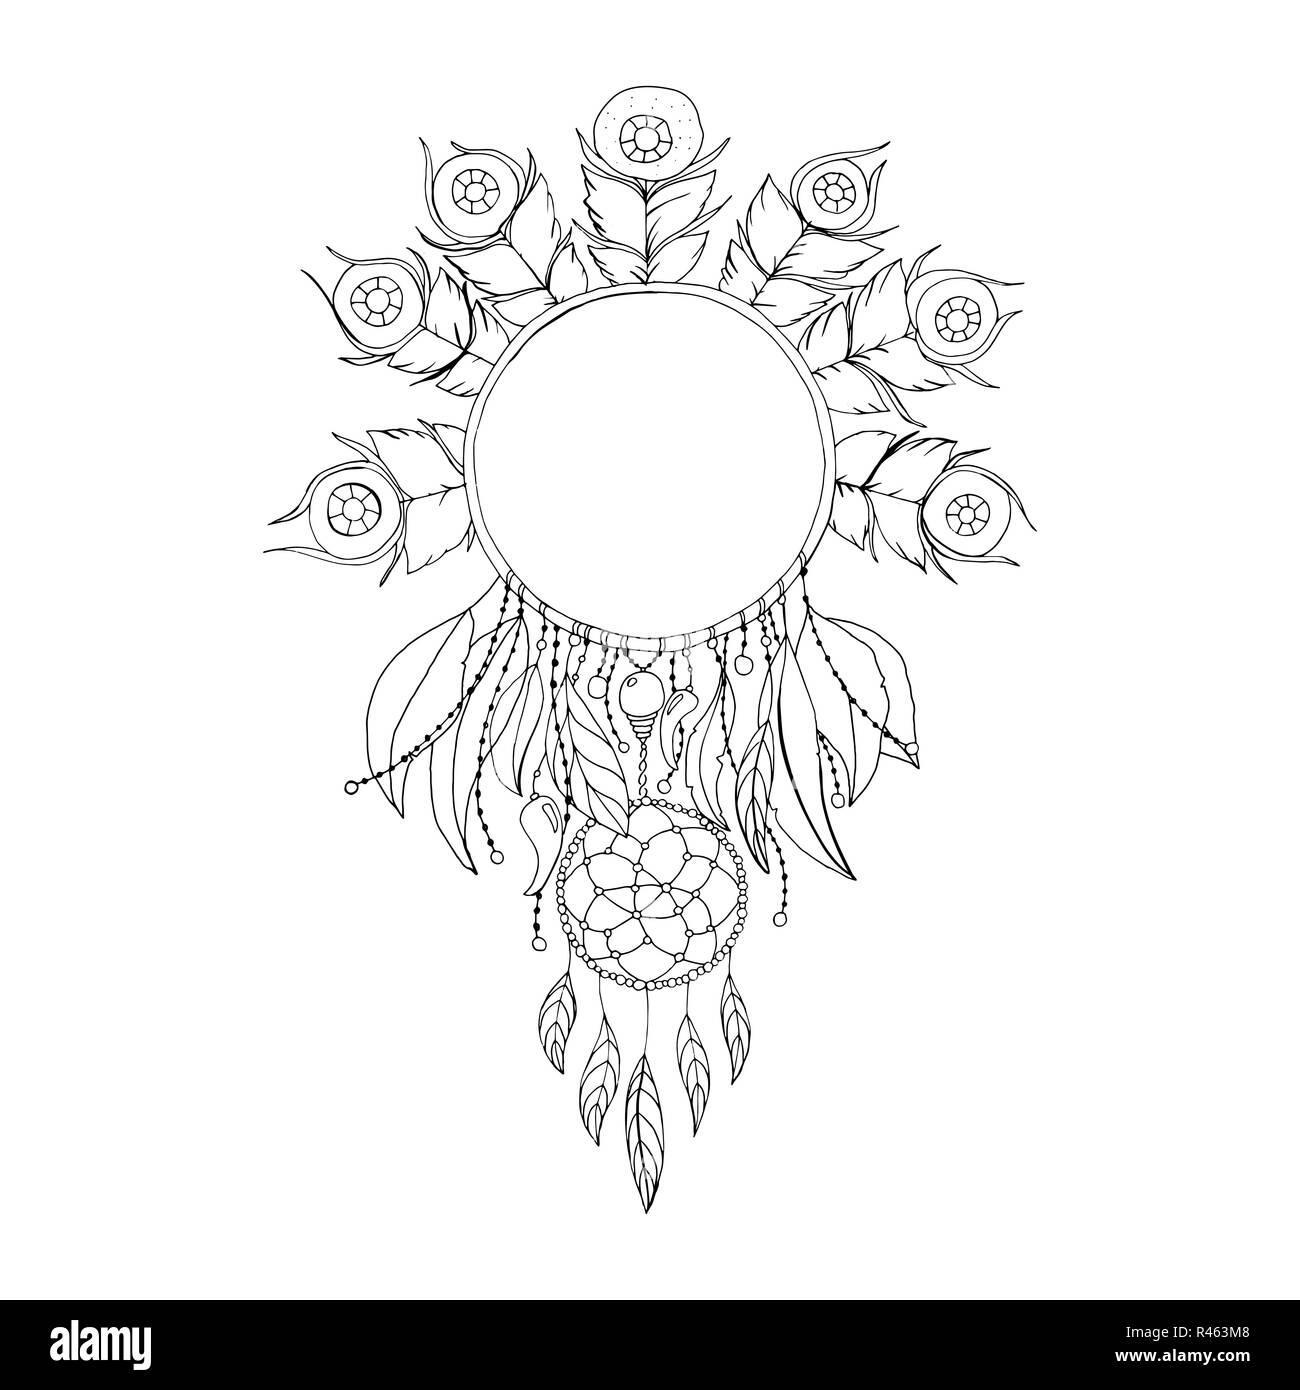 Coloriage Anti Stress Mode.Dreamcatcher Noir Et Blanc Symbole Vecteur Isole L Illustration De